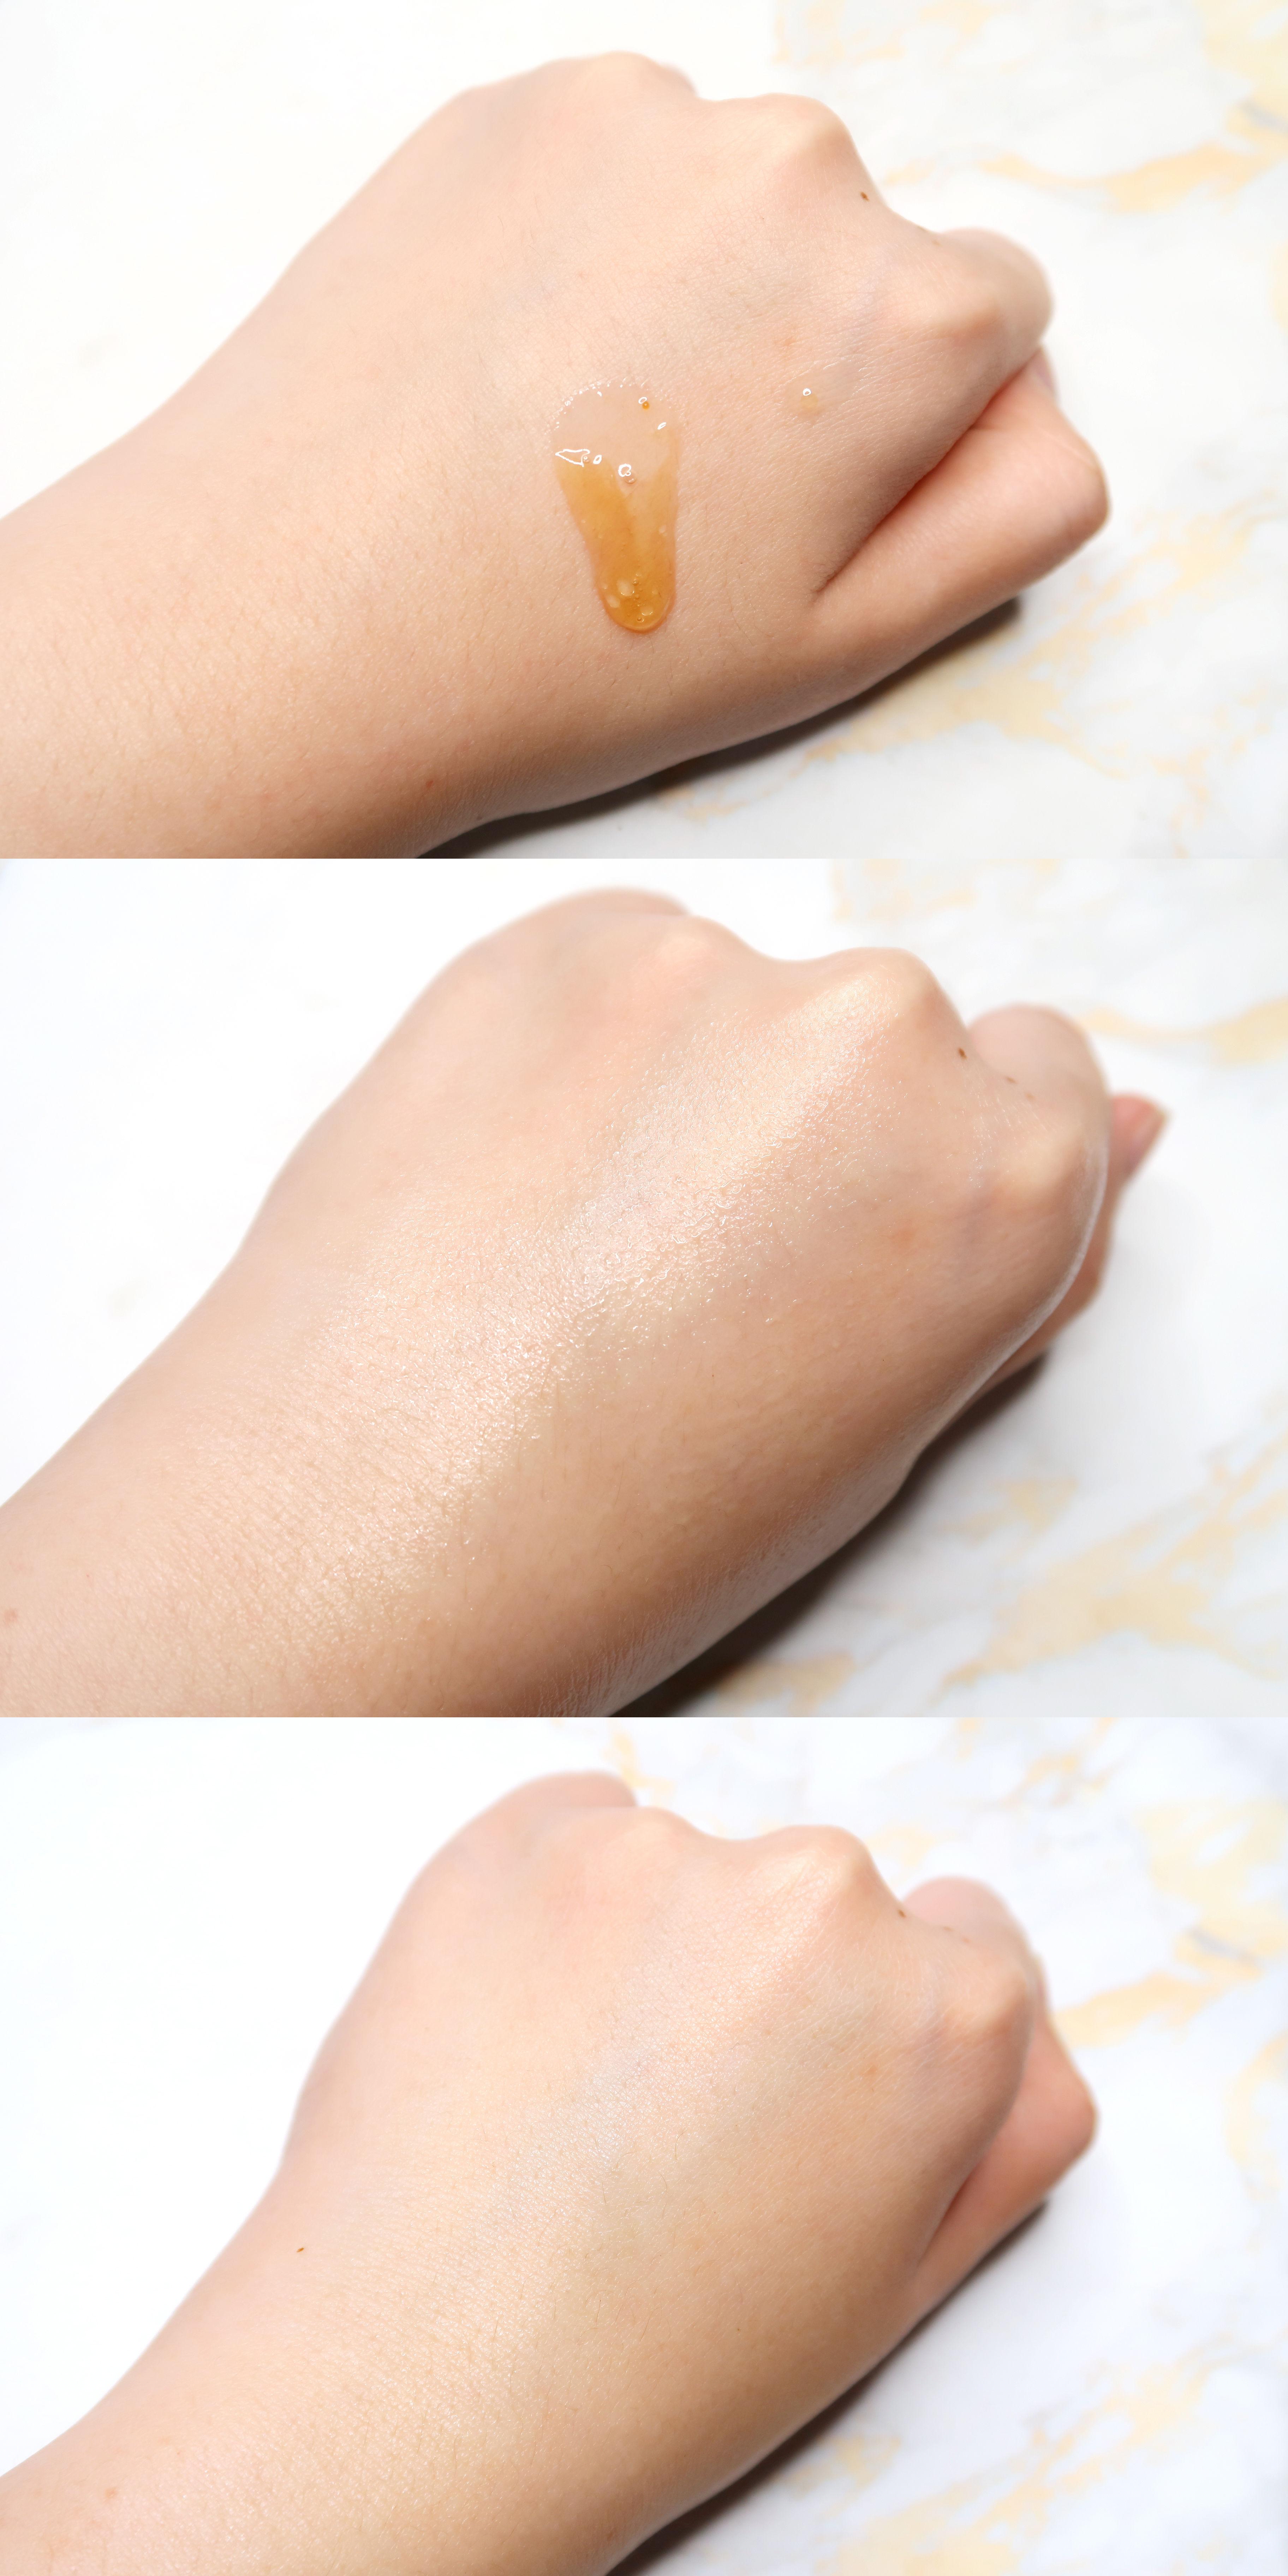 克蘭詩_超級精華黃金雙激萃_使用心得 (5).JPG